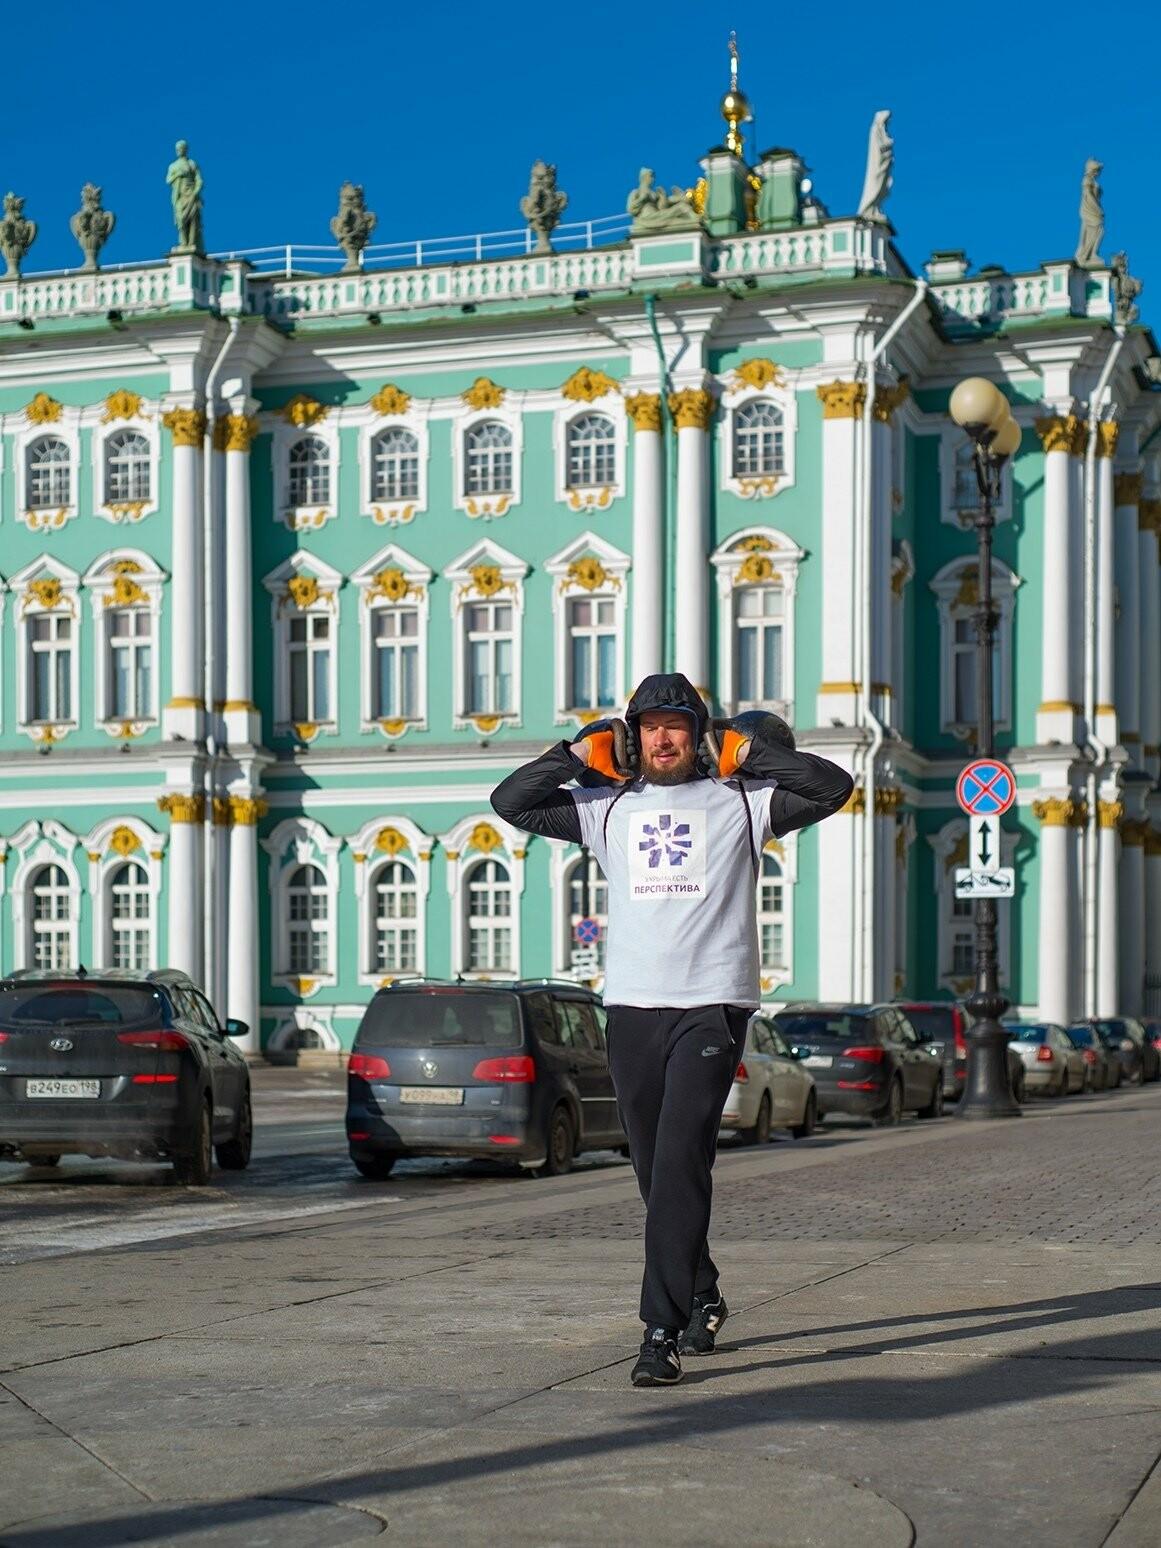 В Санкт-Петербурге спортсмен из Ялты установил рекорд по суточной ходьбе с гирями , фото-1